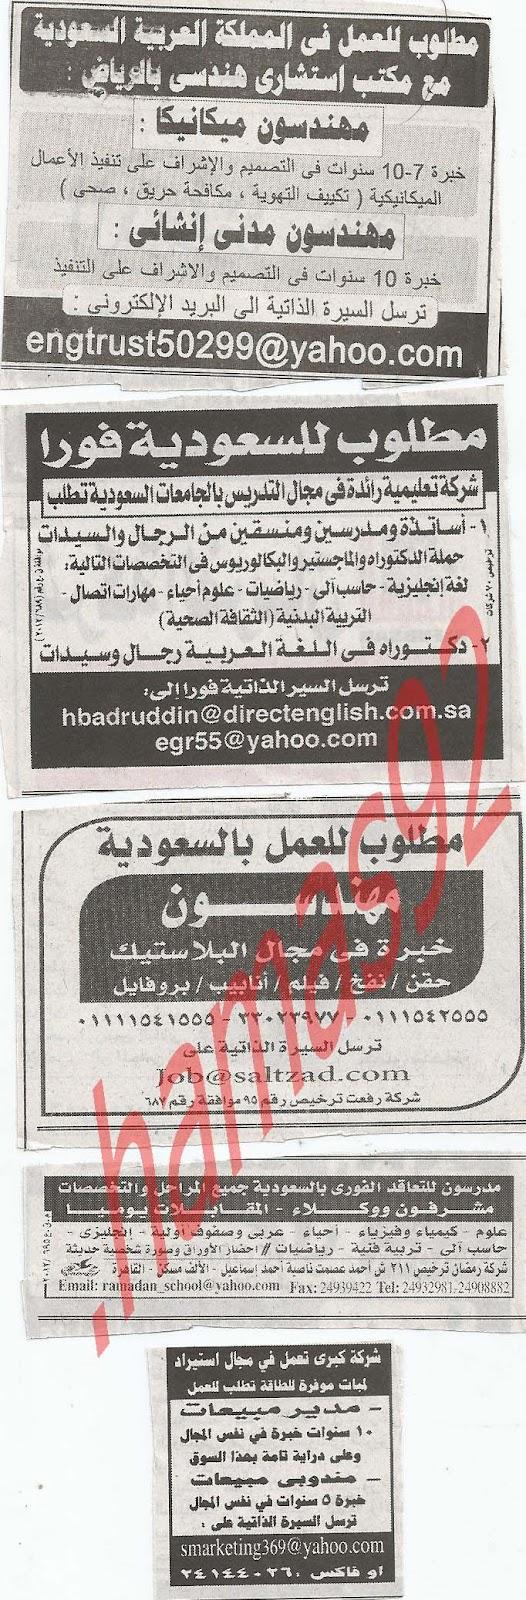 اعلانات الوظائف الخالية فى جريدة الاهرام الجمعة 27/7/2012 - الاهرام الاسبوعى 10